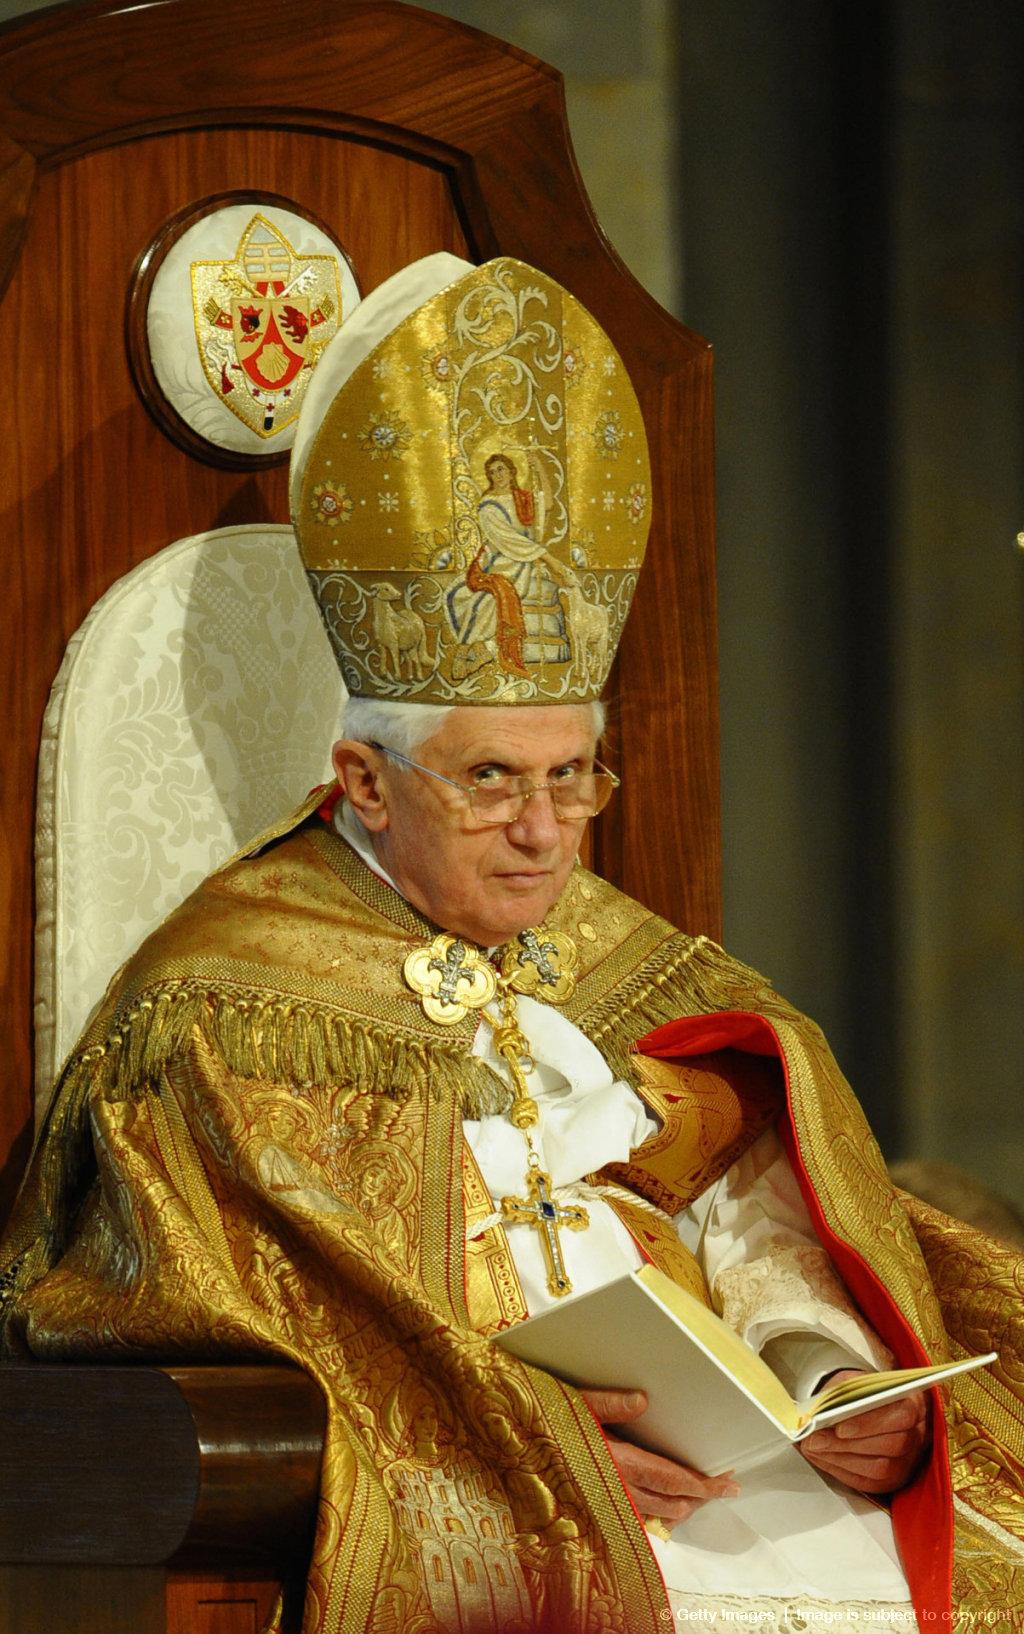 Risultati immagini per Ratzinger Benedetto xvi